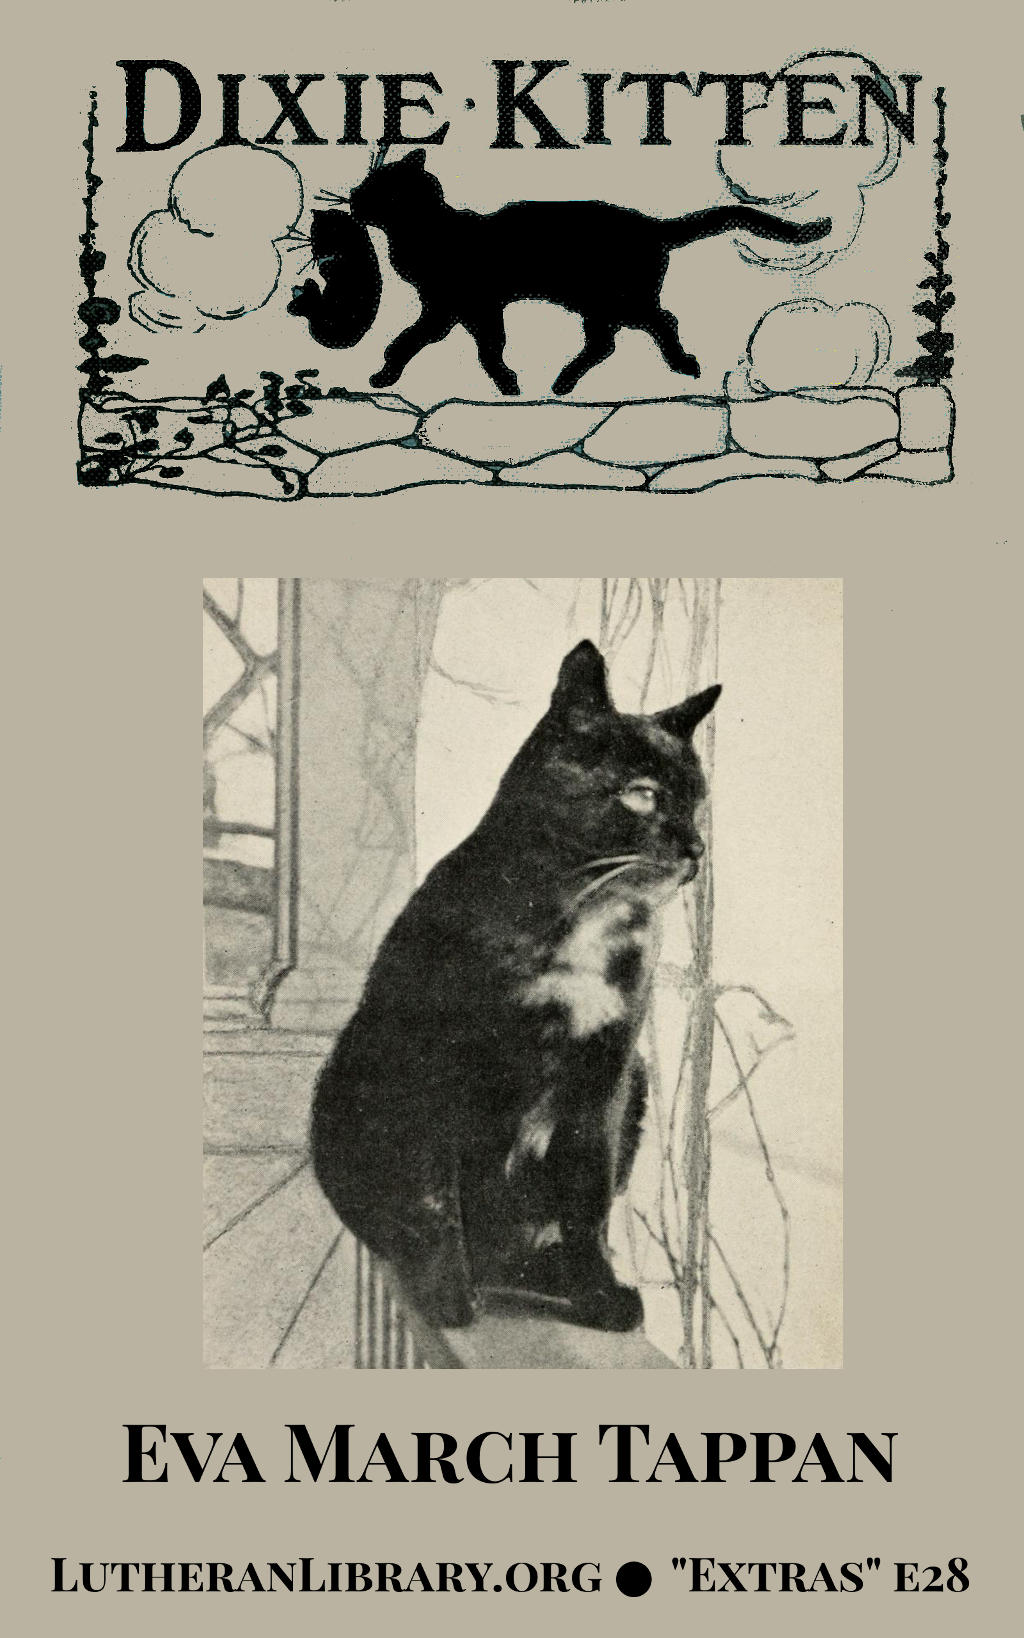 Dixie Kitten